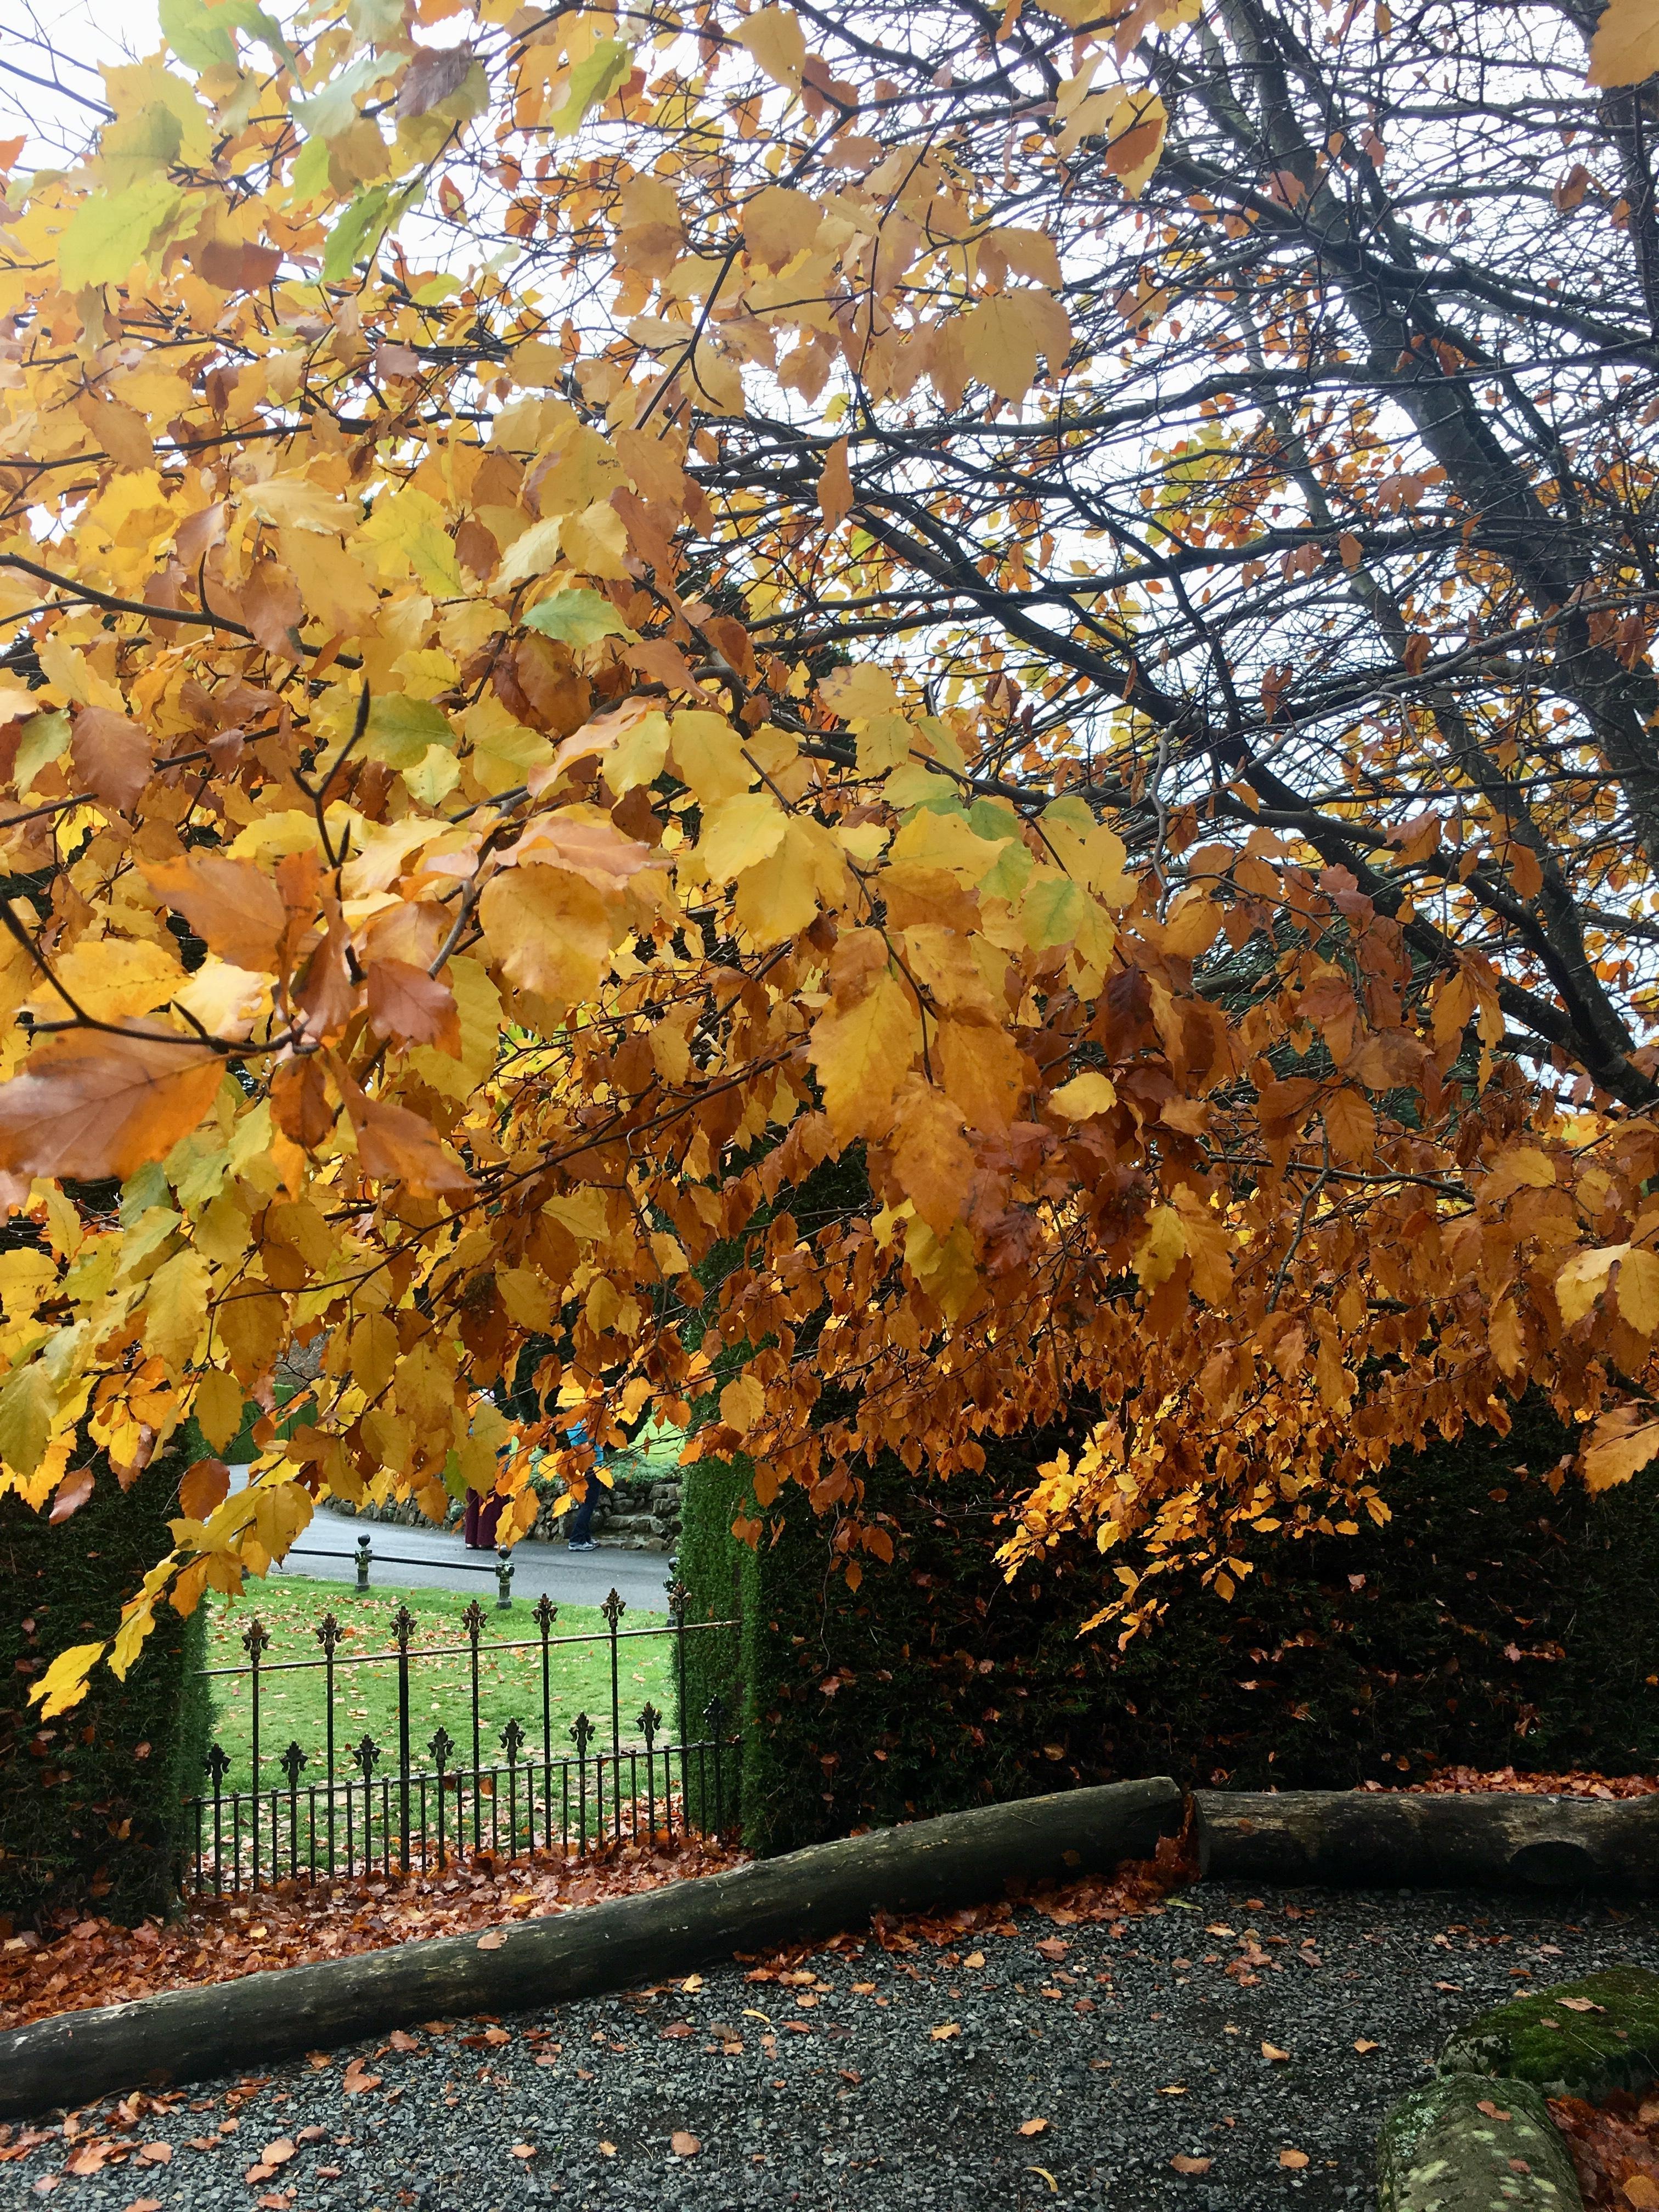 tree by gate.jpg